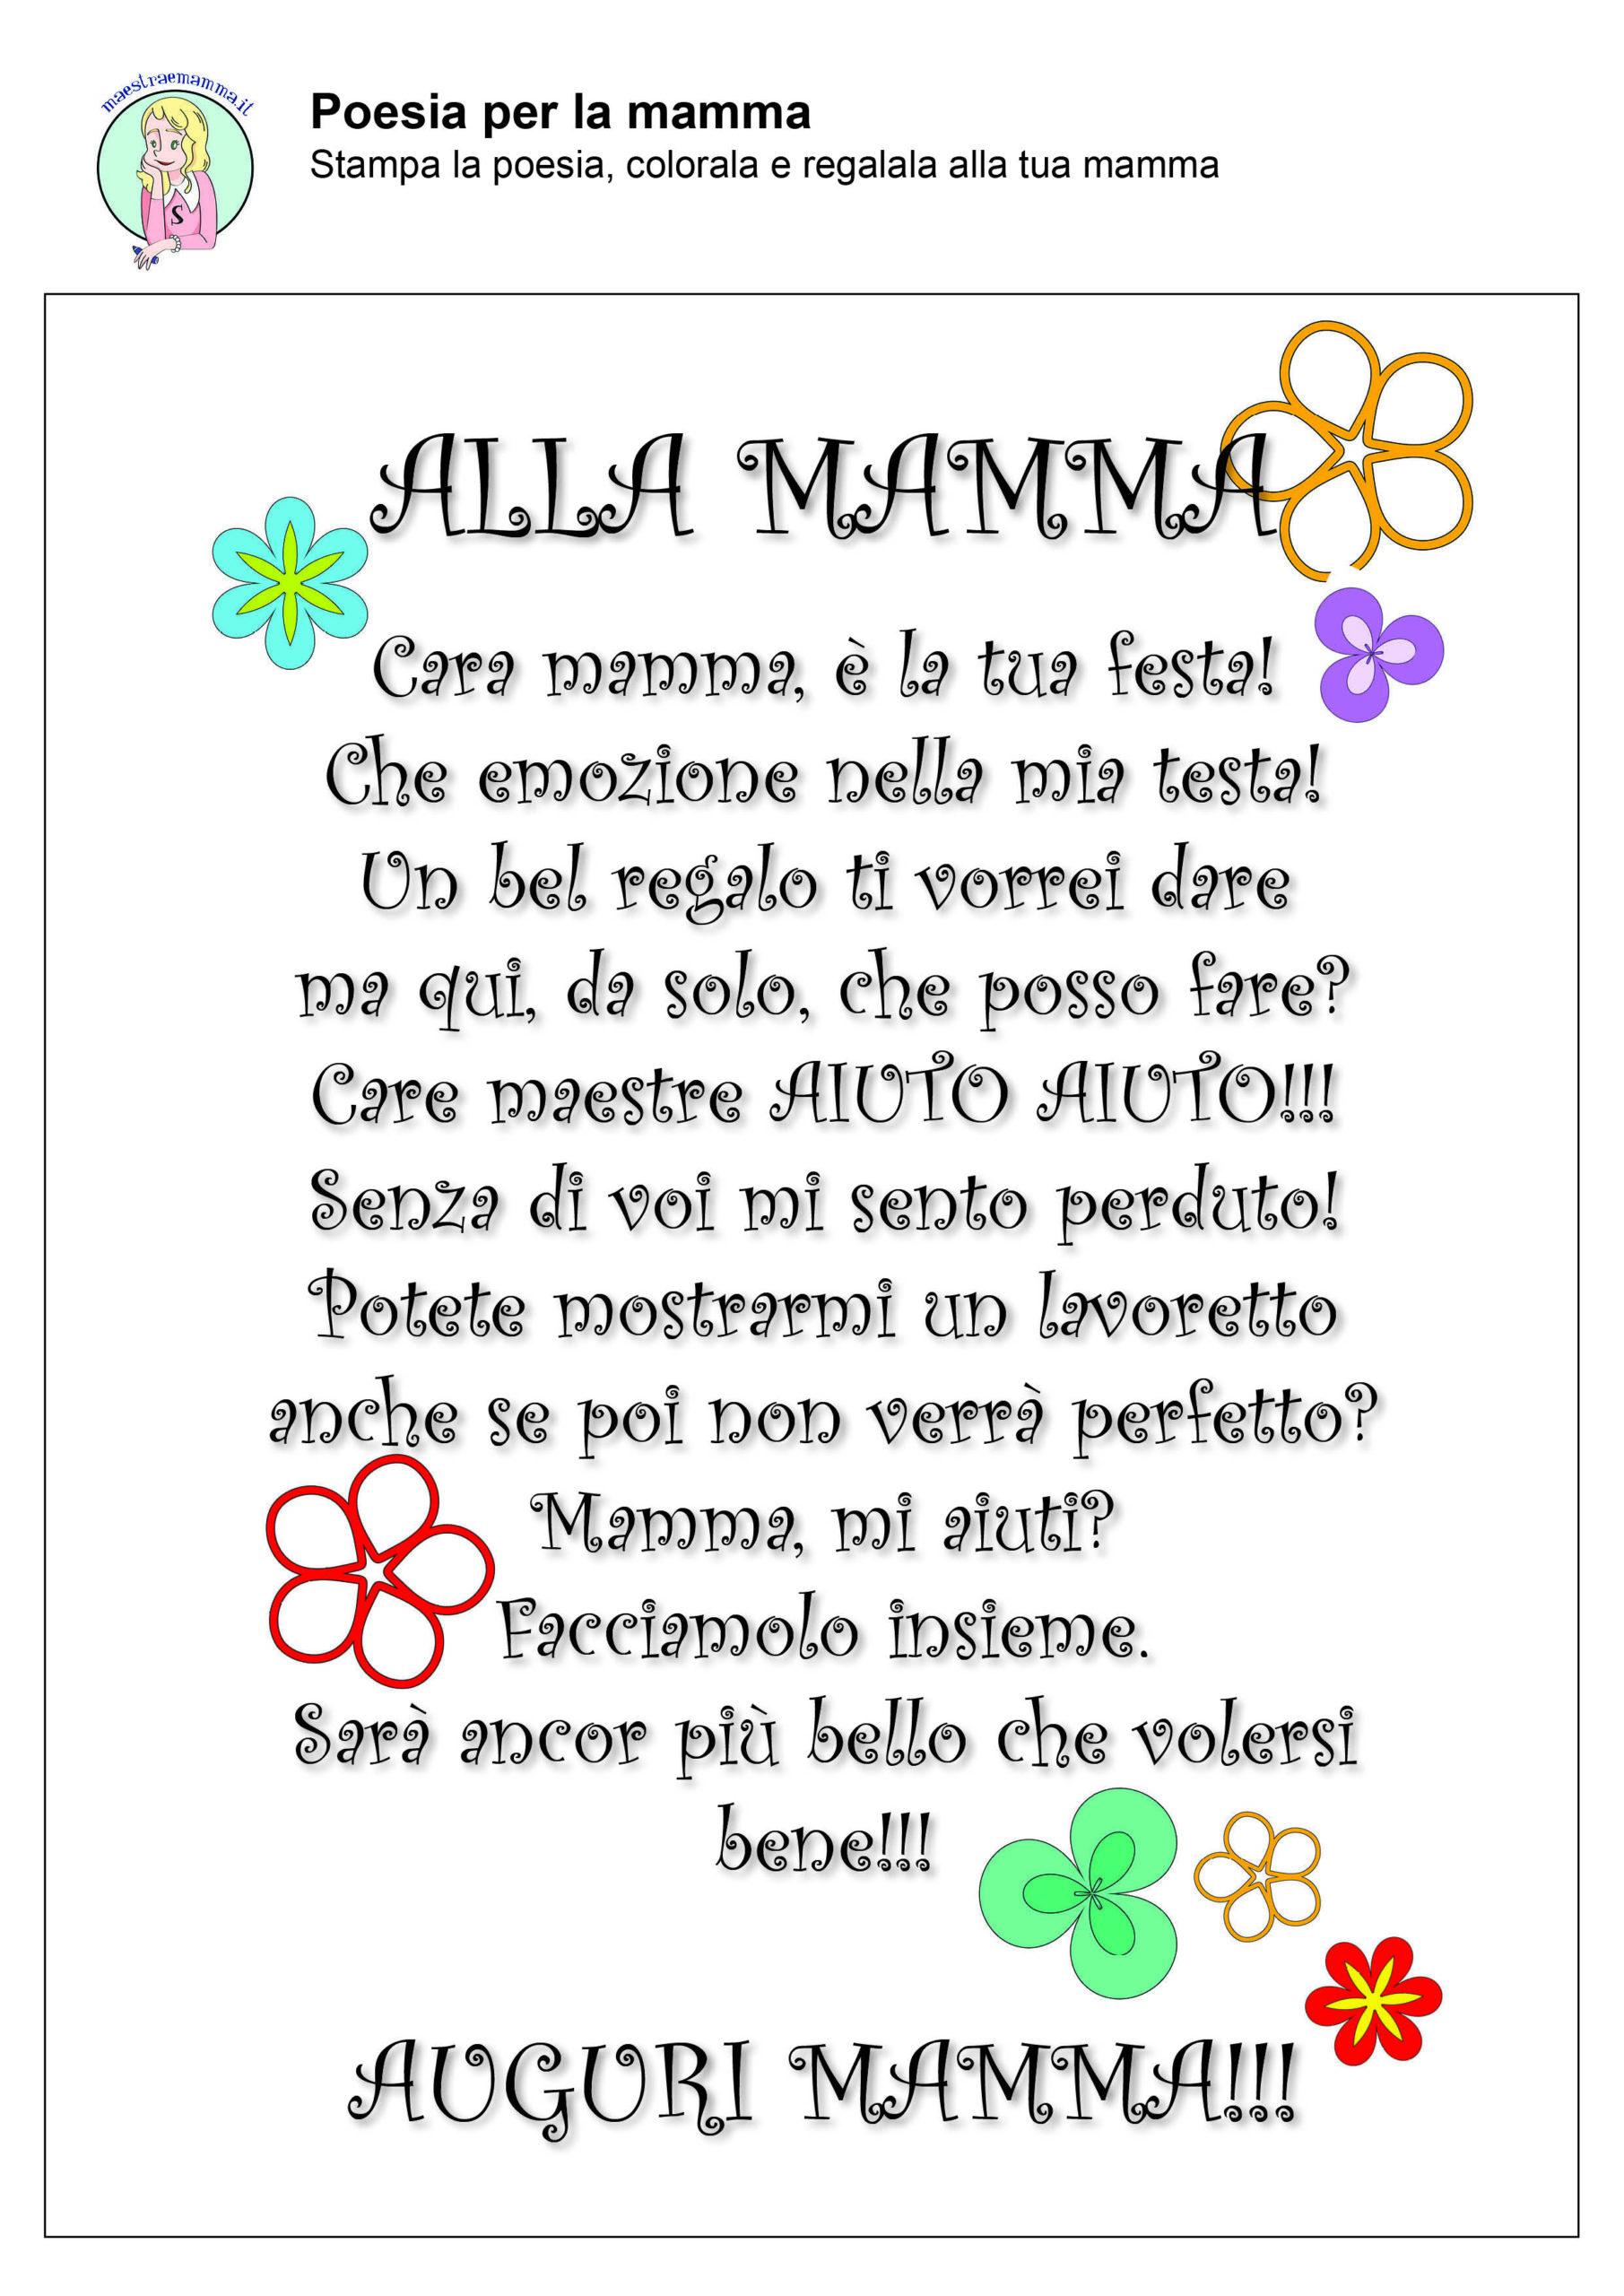 alla mamma-poesia-filastrocca-festa-della-mamma-in-quarantena-coronavirus-a-colori